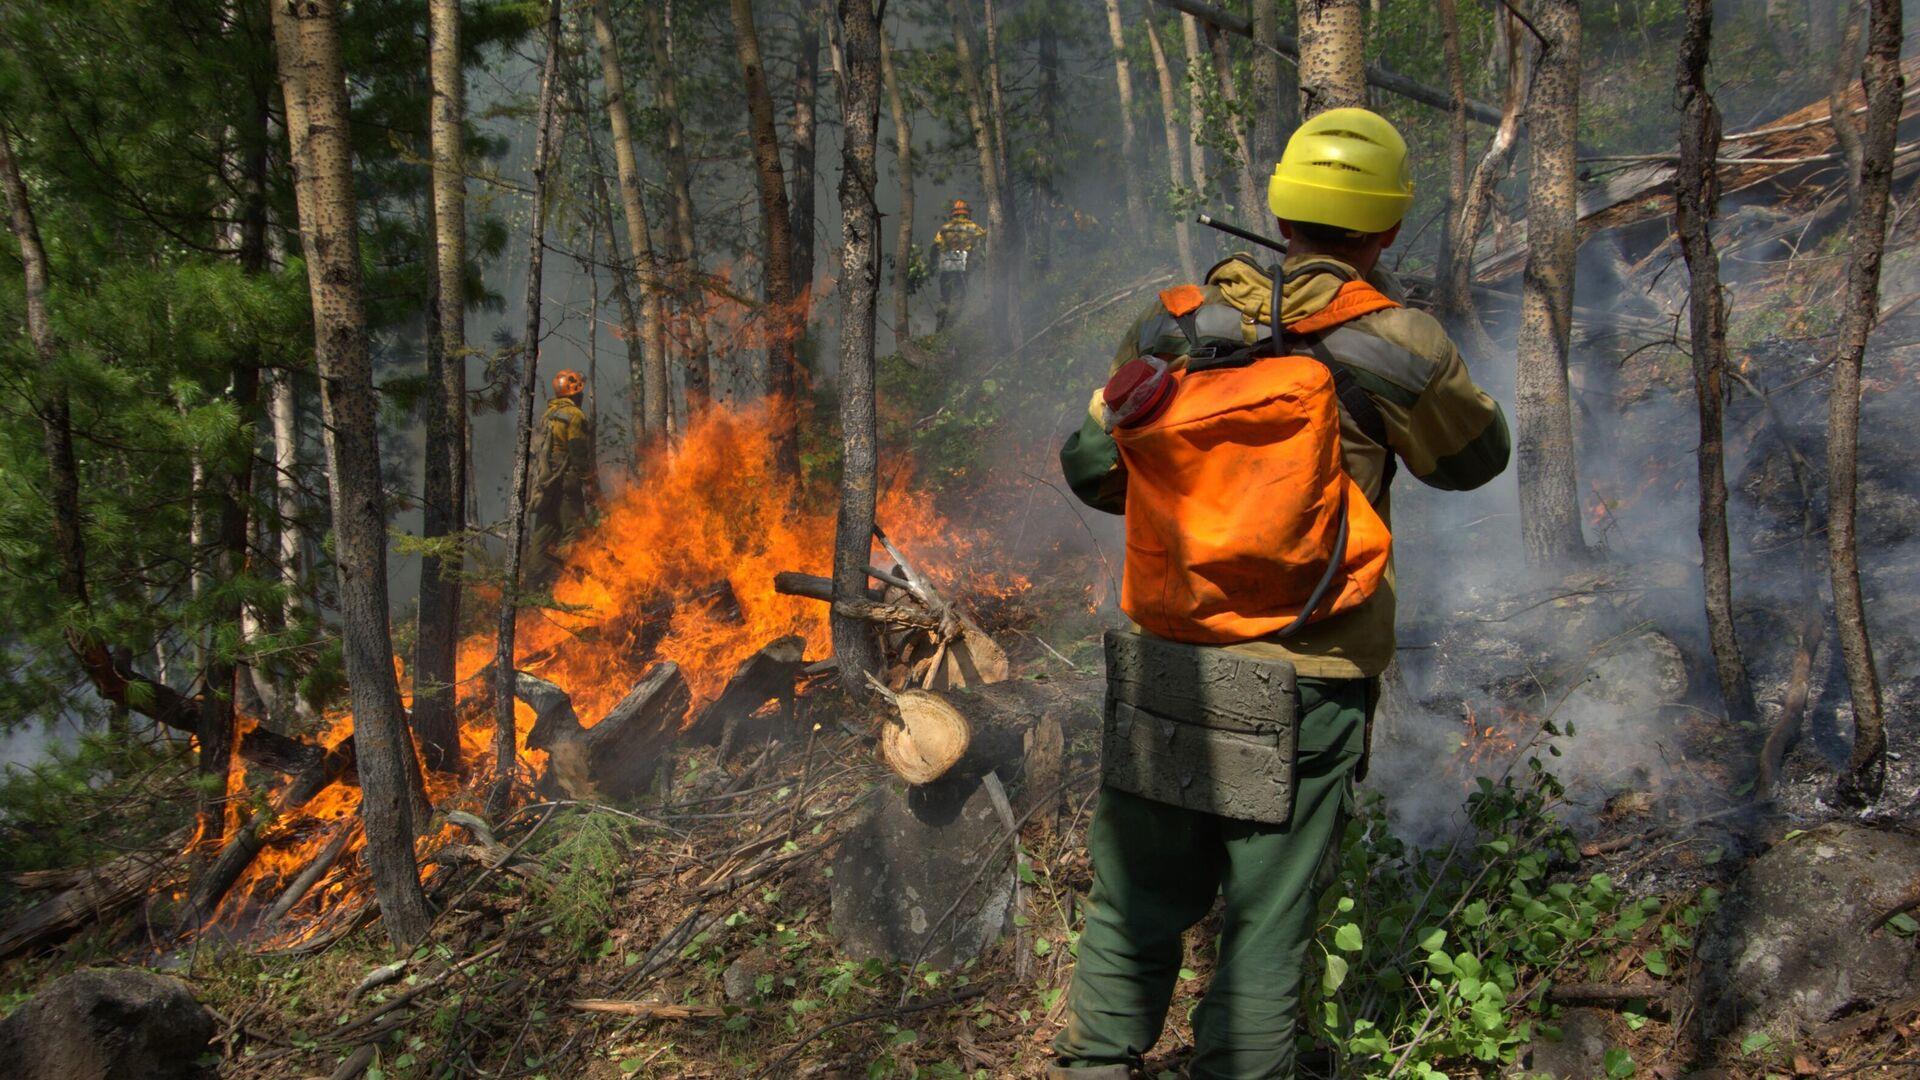 Лесопожарные службы потушили 28 пожаров в России за сутки